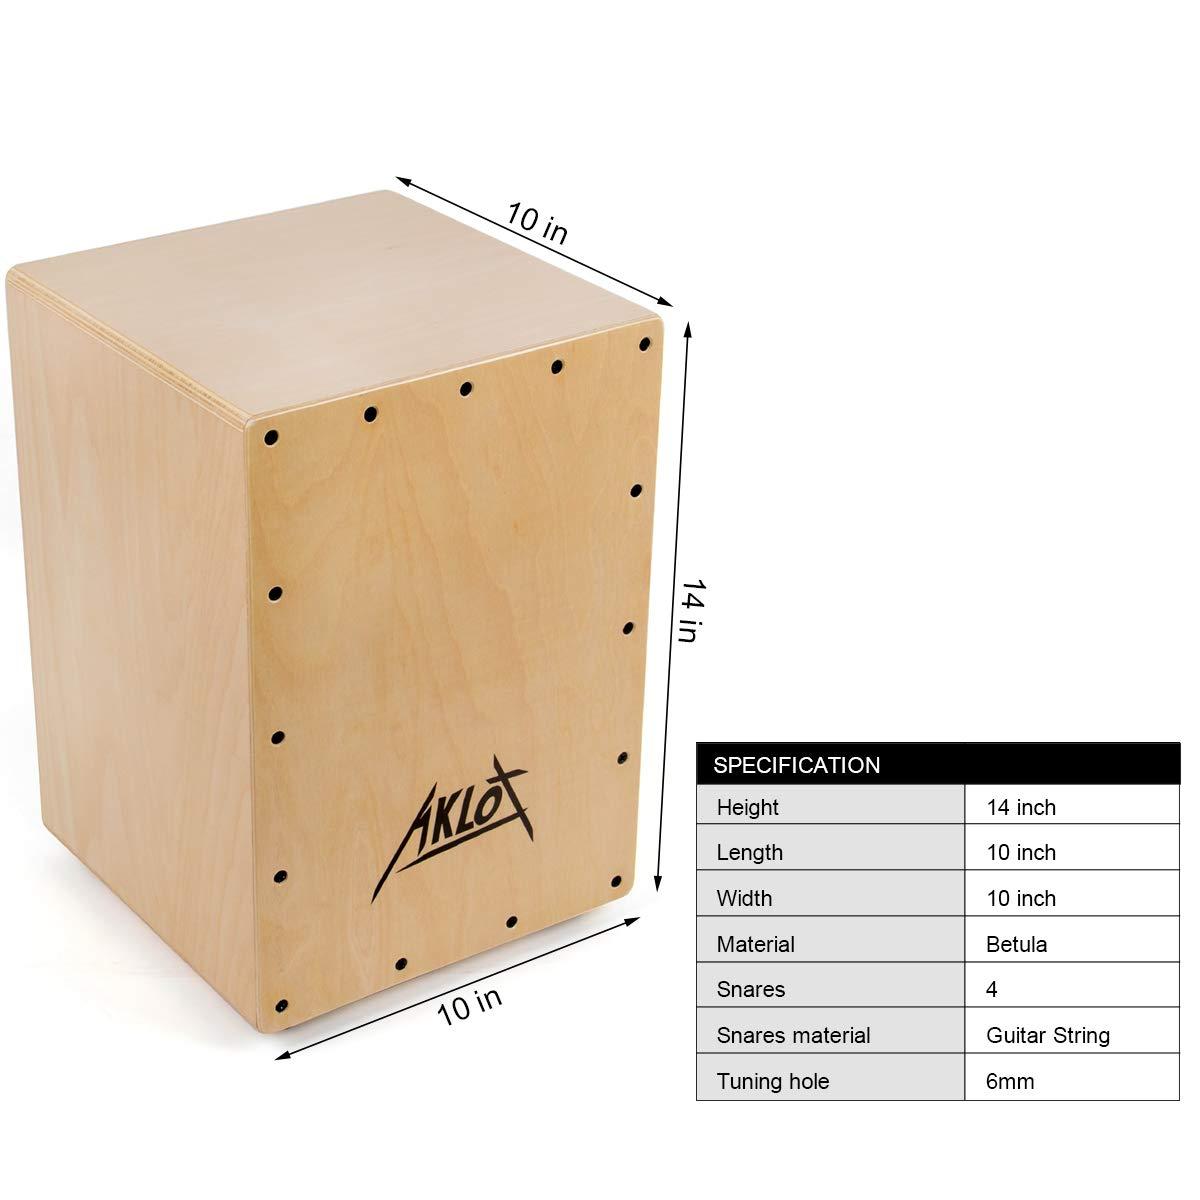 36 cm Aklot Tambor Caj/ón Conjunto de caja compacta de mermelada ac/ústica Cajones de percusi/ón con funda Para ni/ños y adultos principiantes 25 25